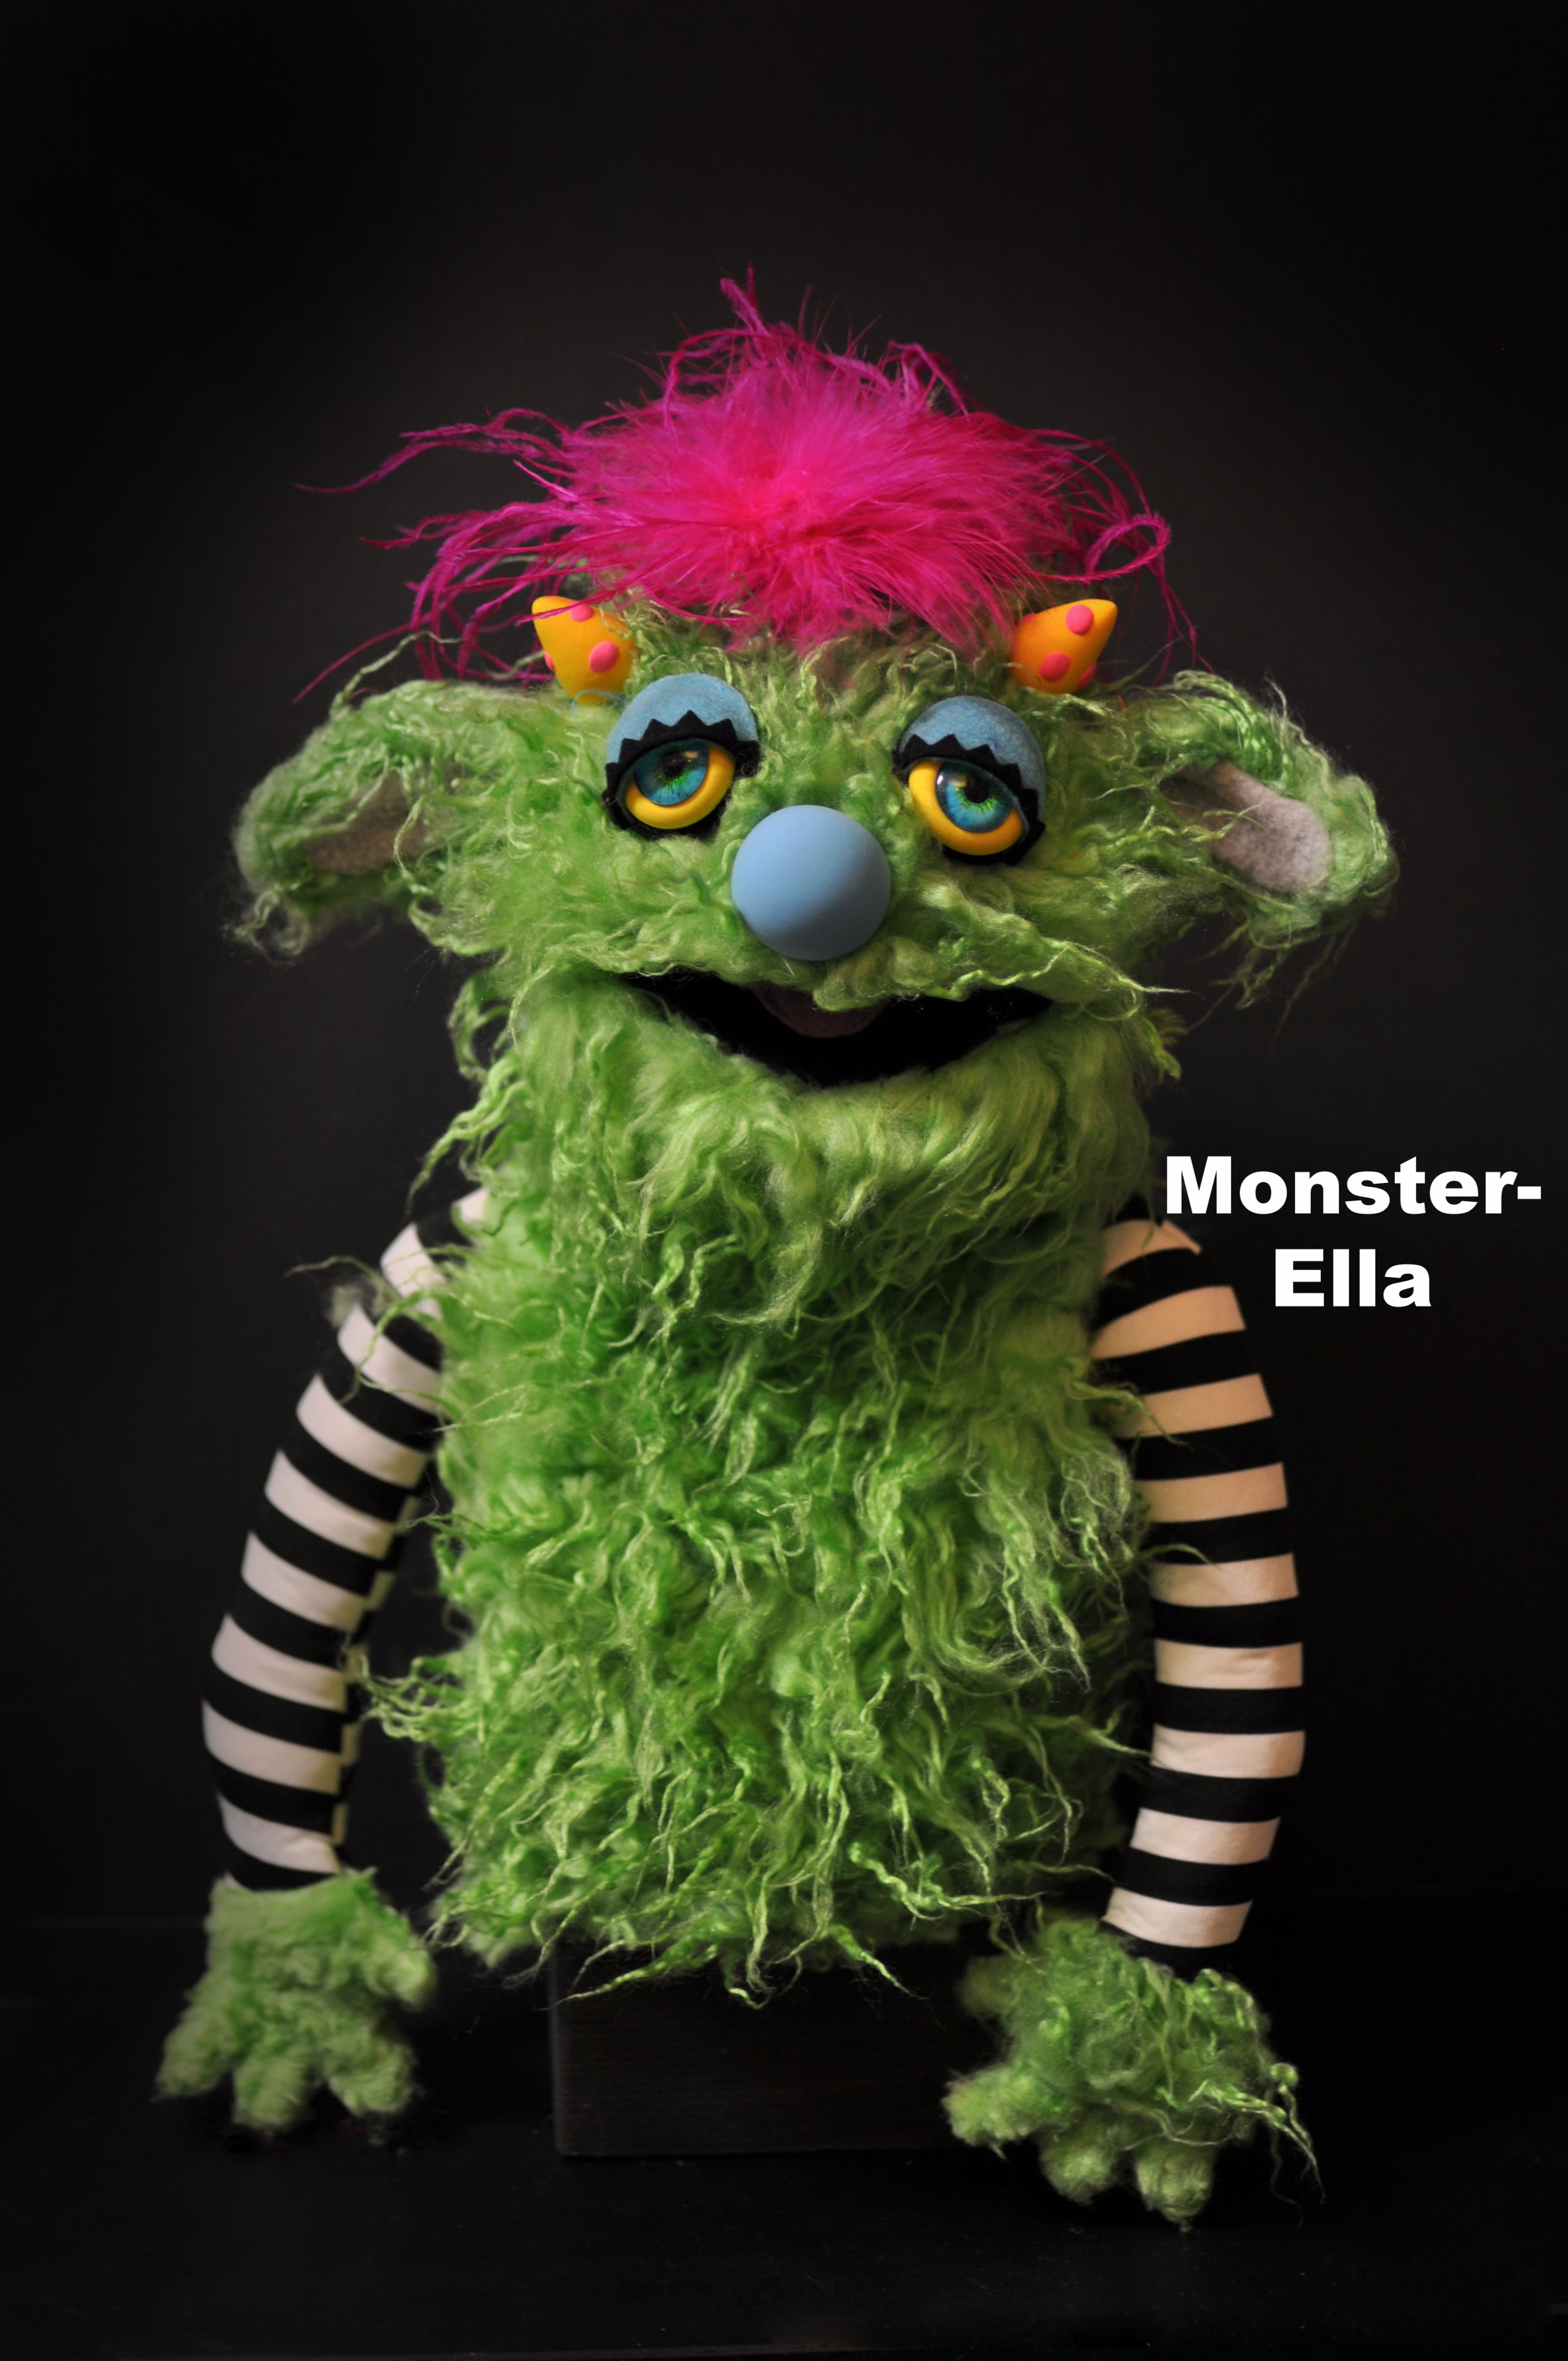 Monster-Ella.jpg